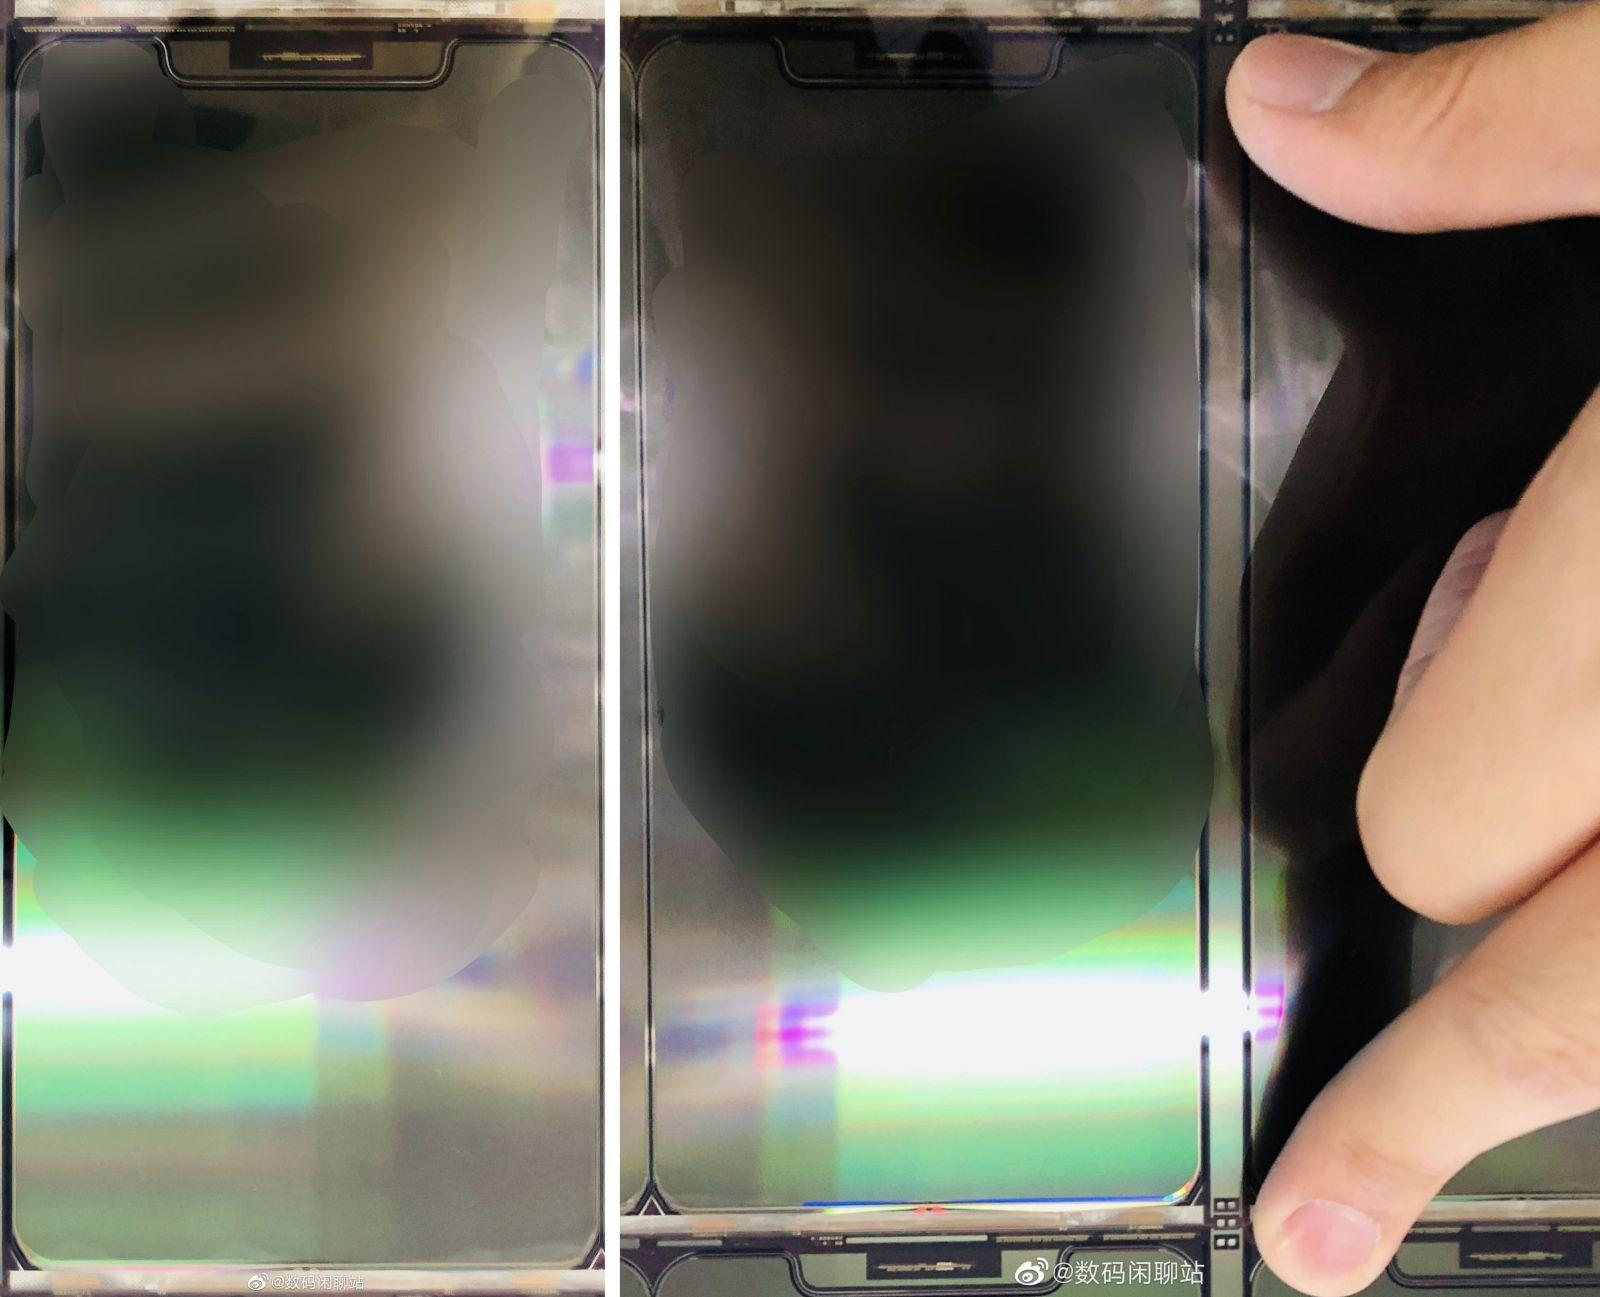 Objavila sa prvá reálna fotografia iPhonu 12. Potvrdzuje, ako bude novinka vyzerať